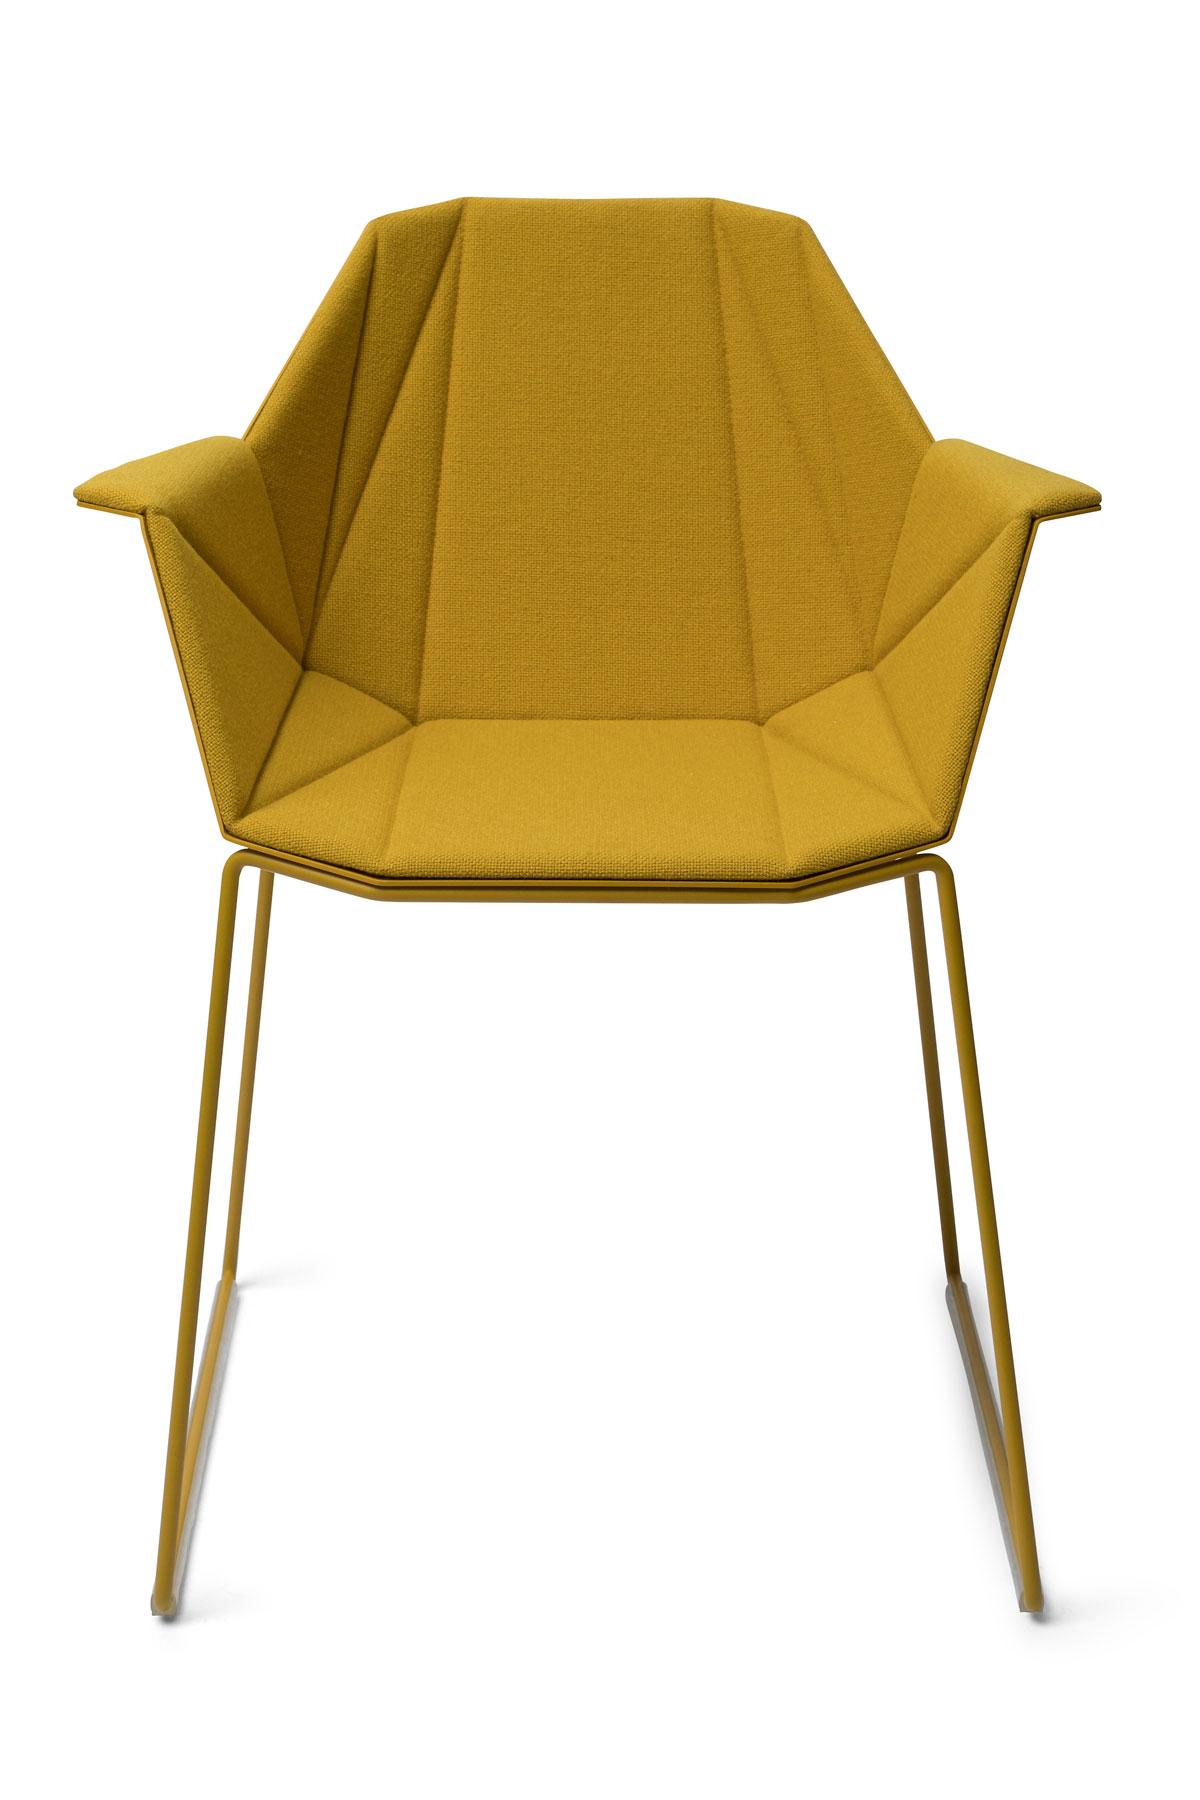 Alumni-Sledge-ochreous-yellow-upholstered_front.jpg